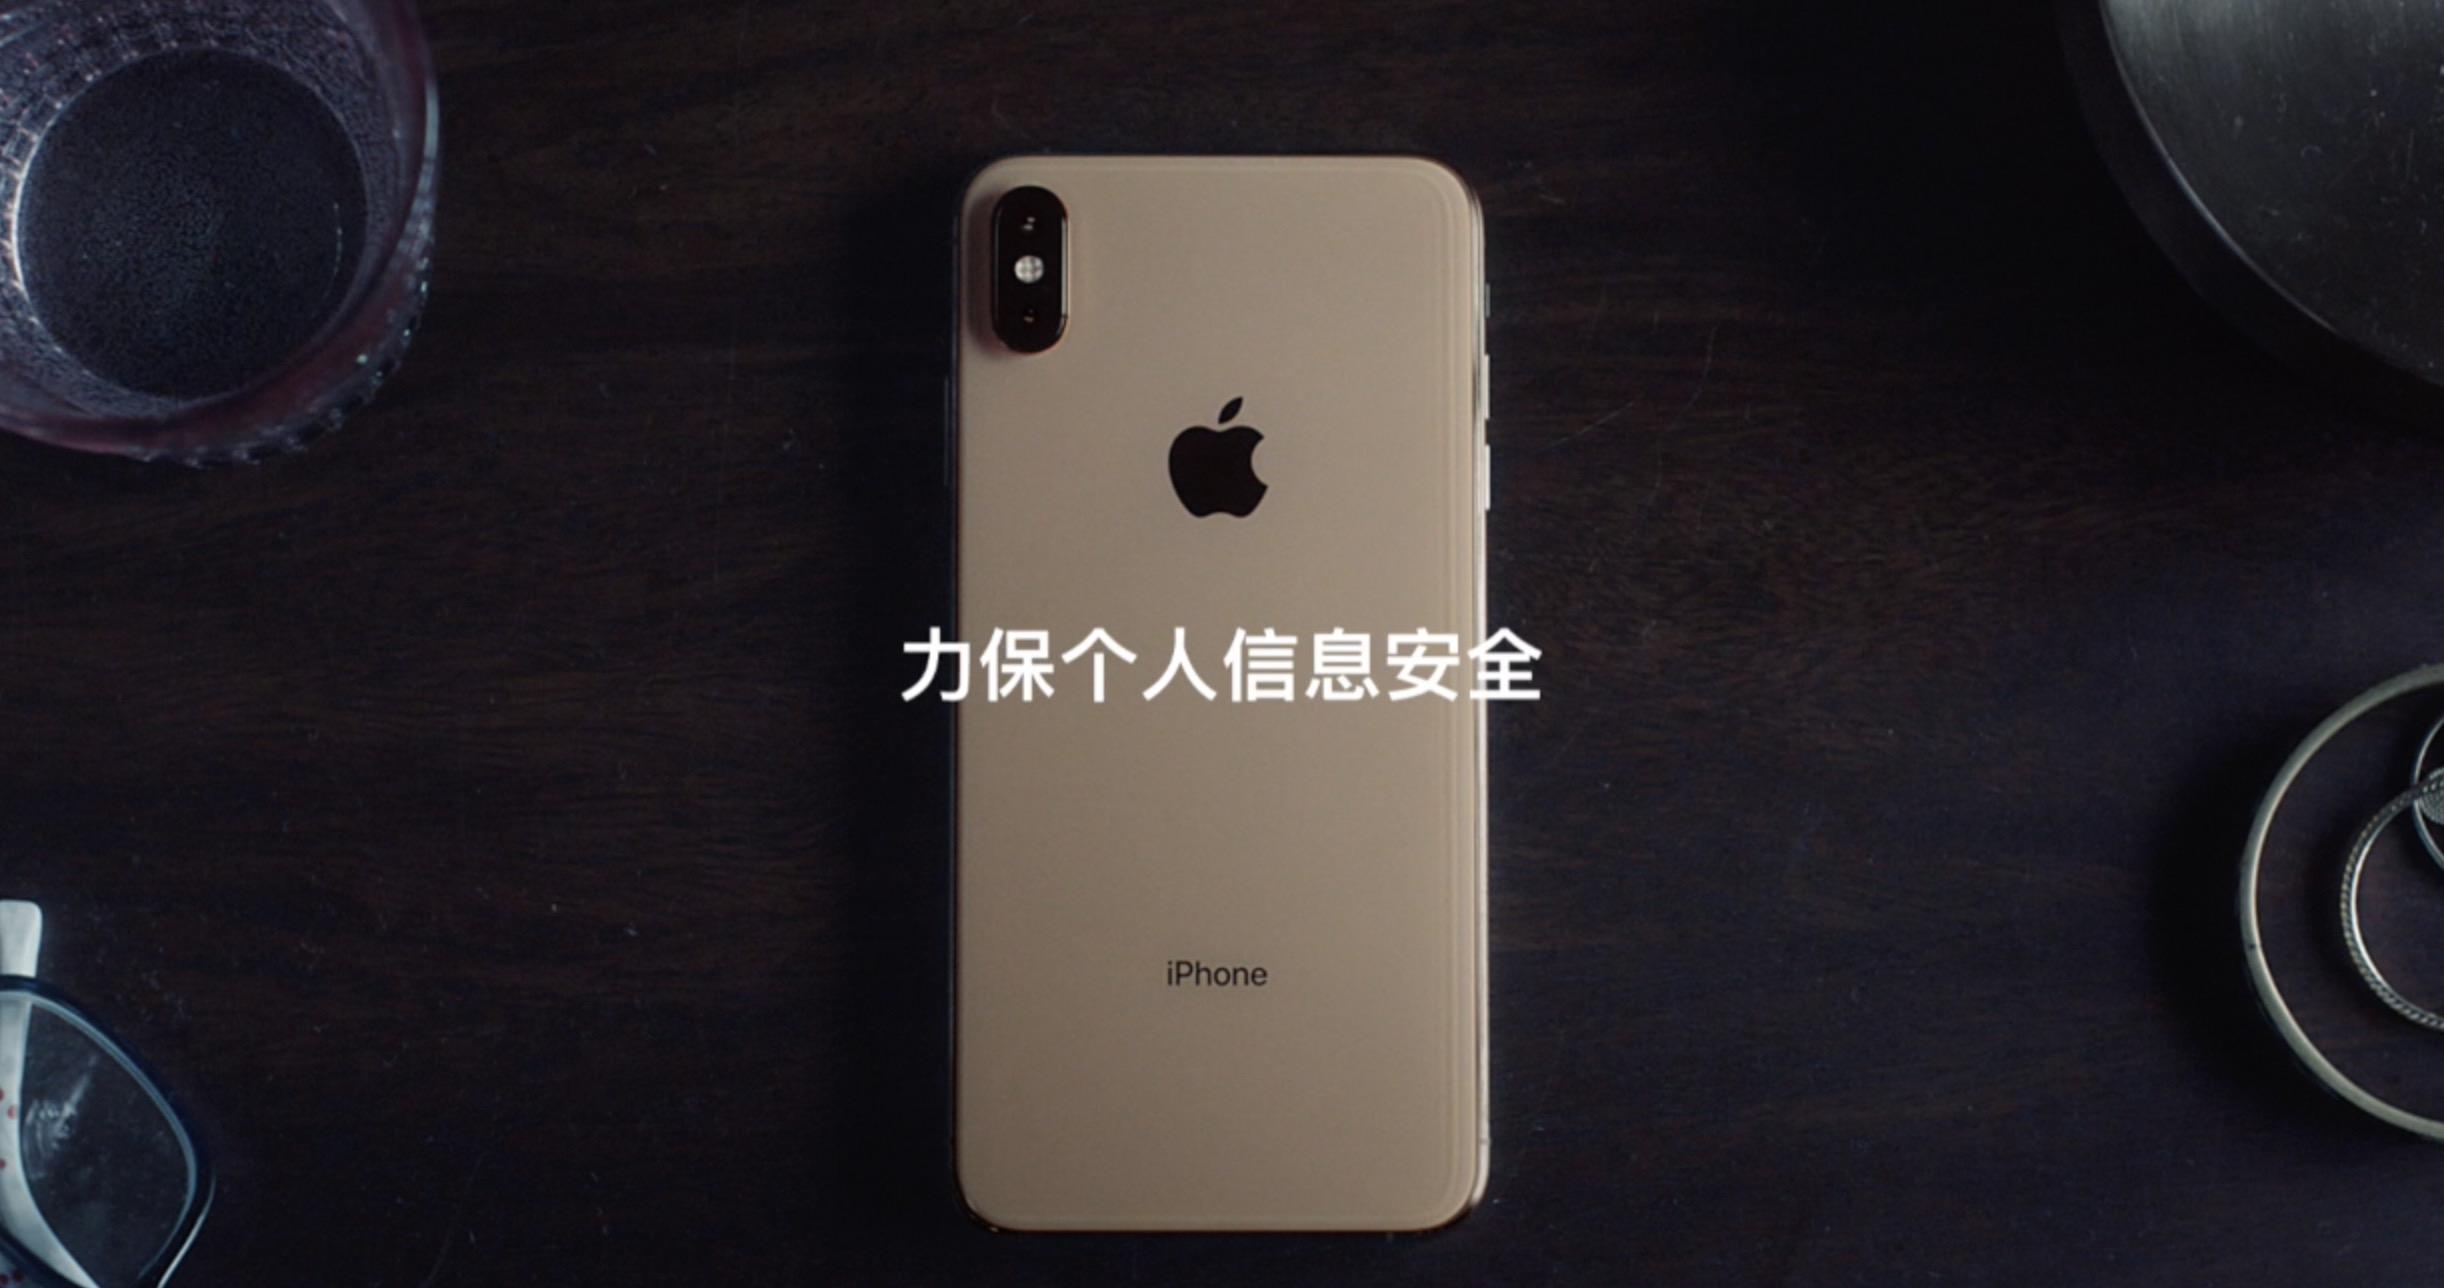 苹果上线「你的隐私很重要」广告中文版